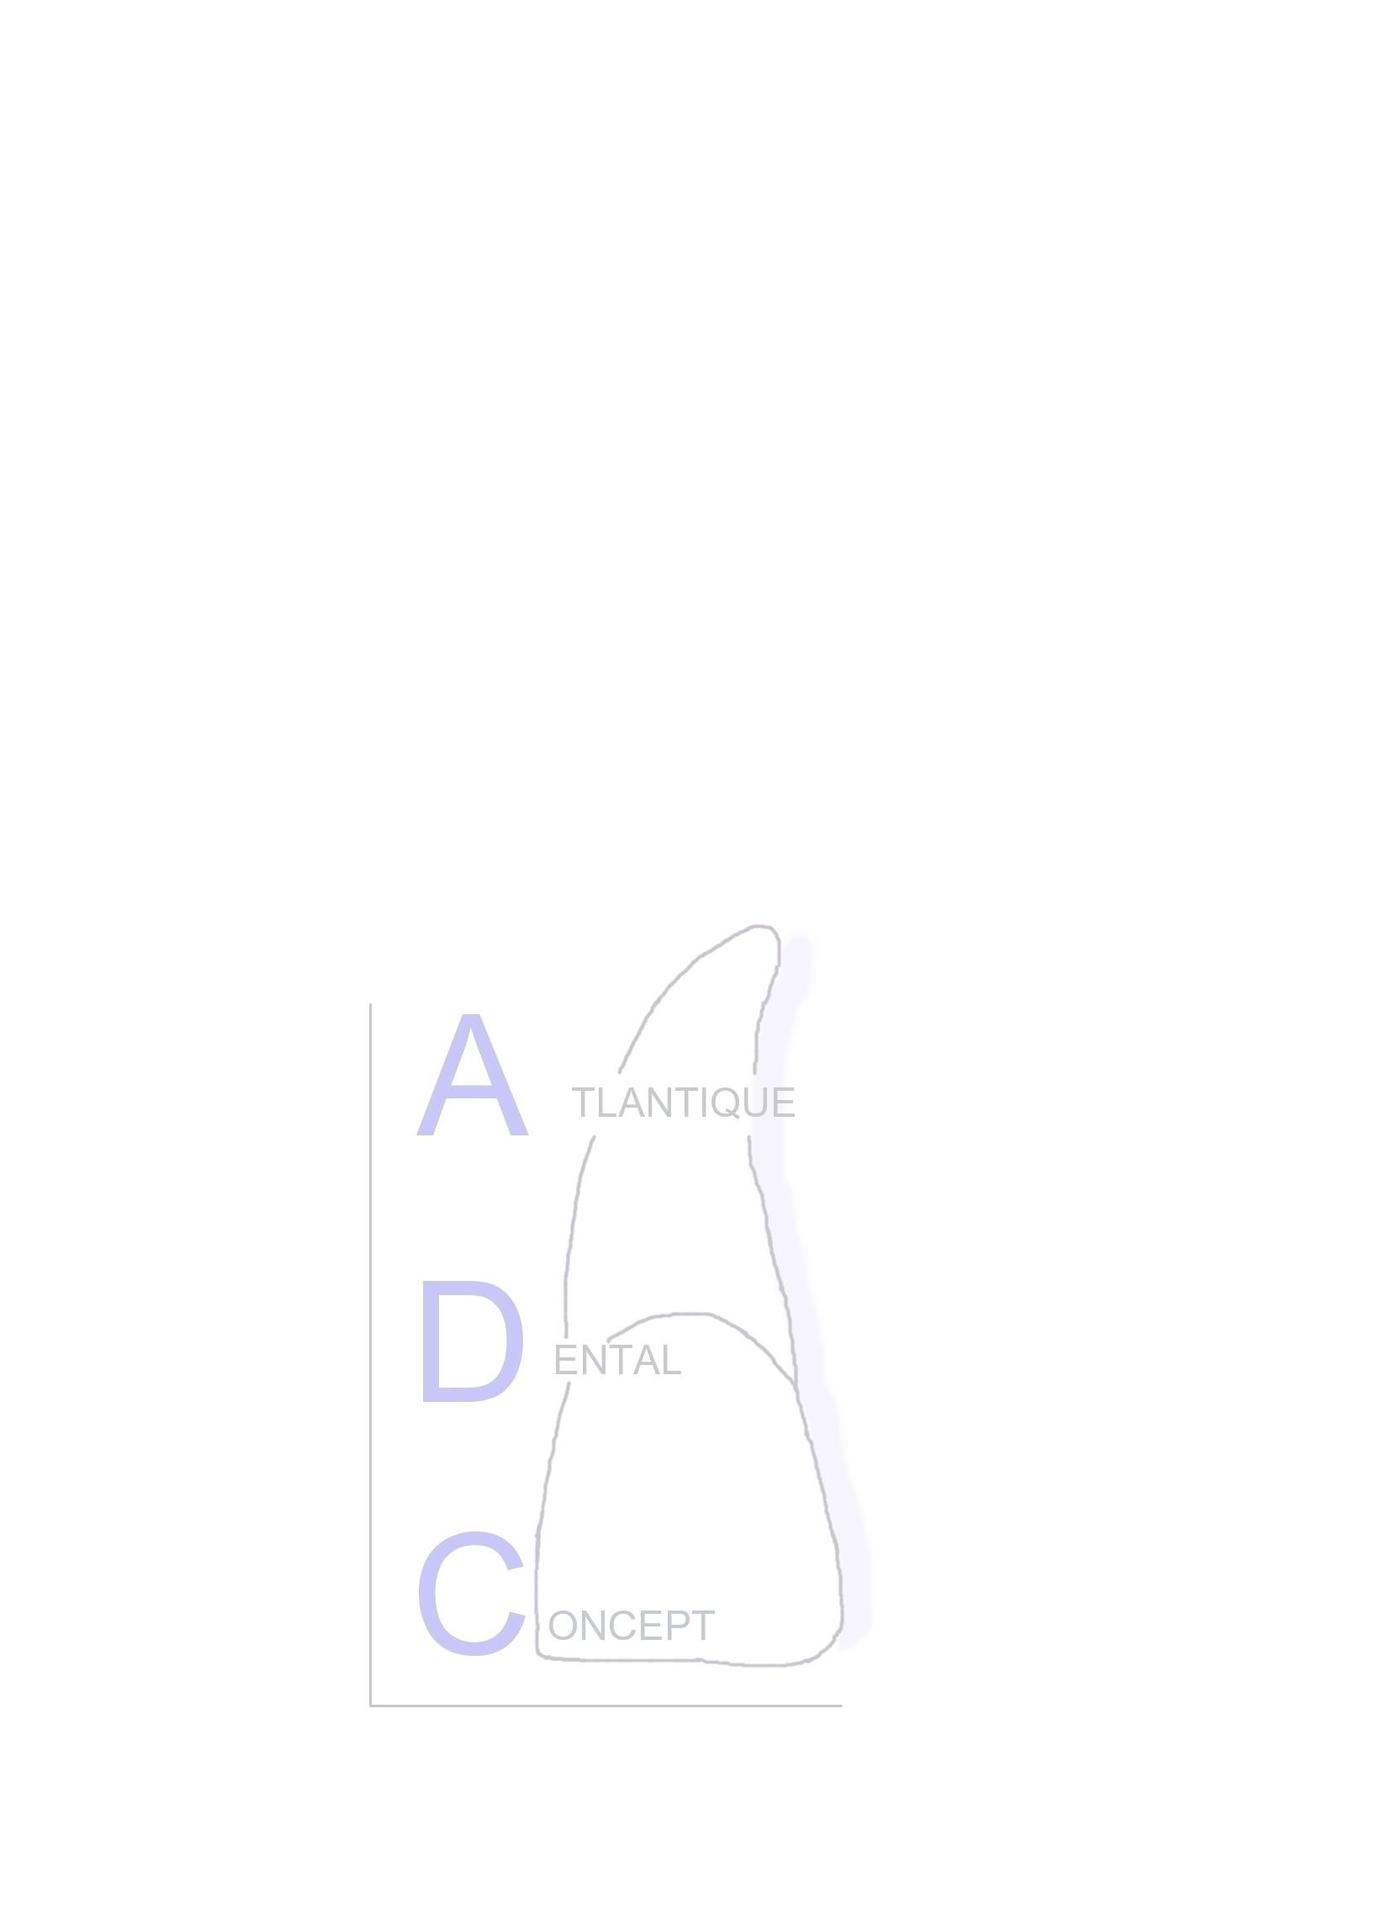 Atlantique Dental Concept prothésiste dentaire